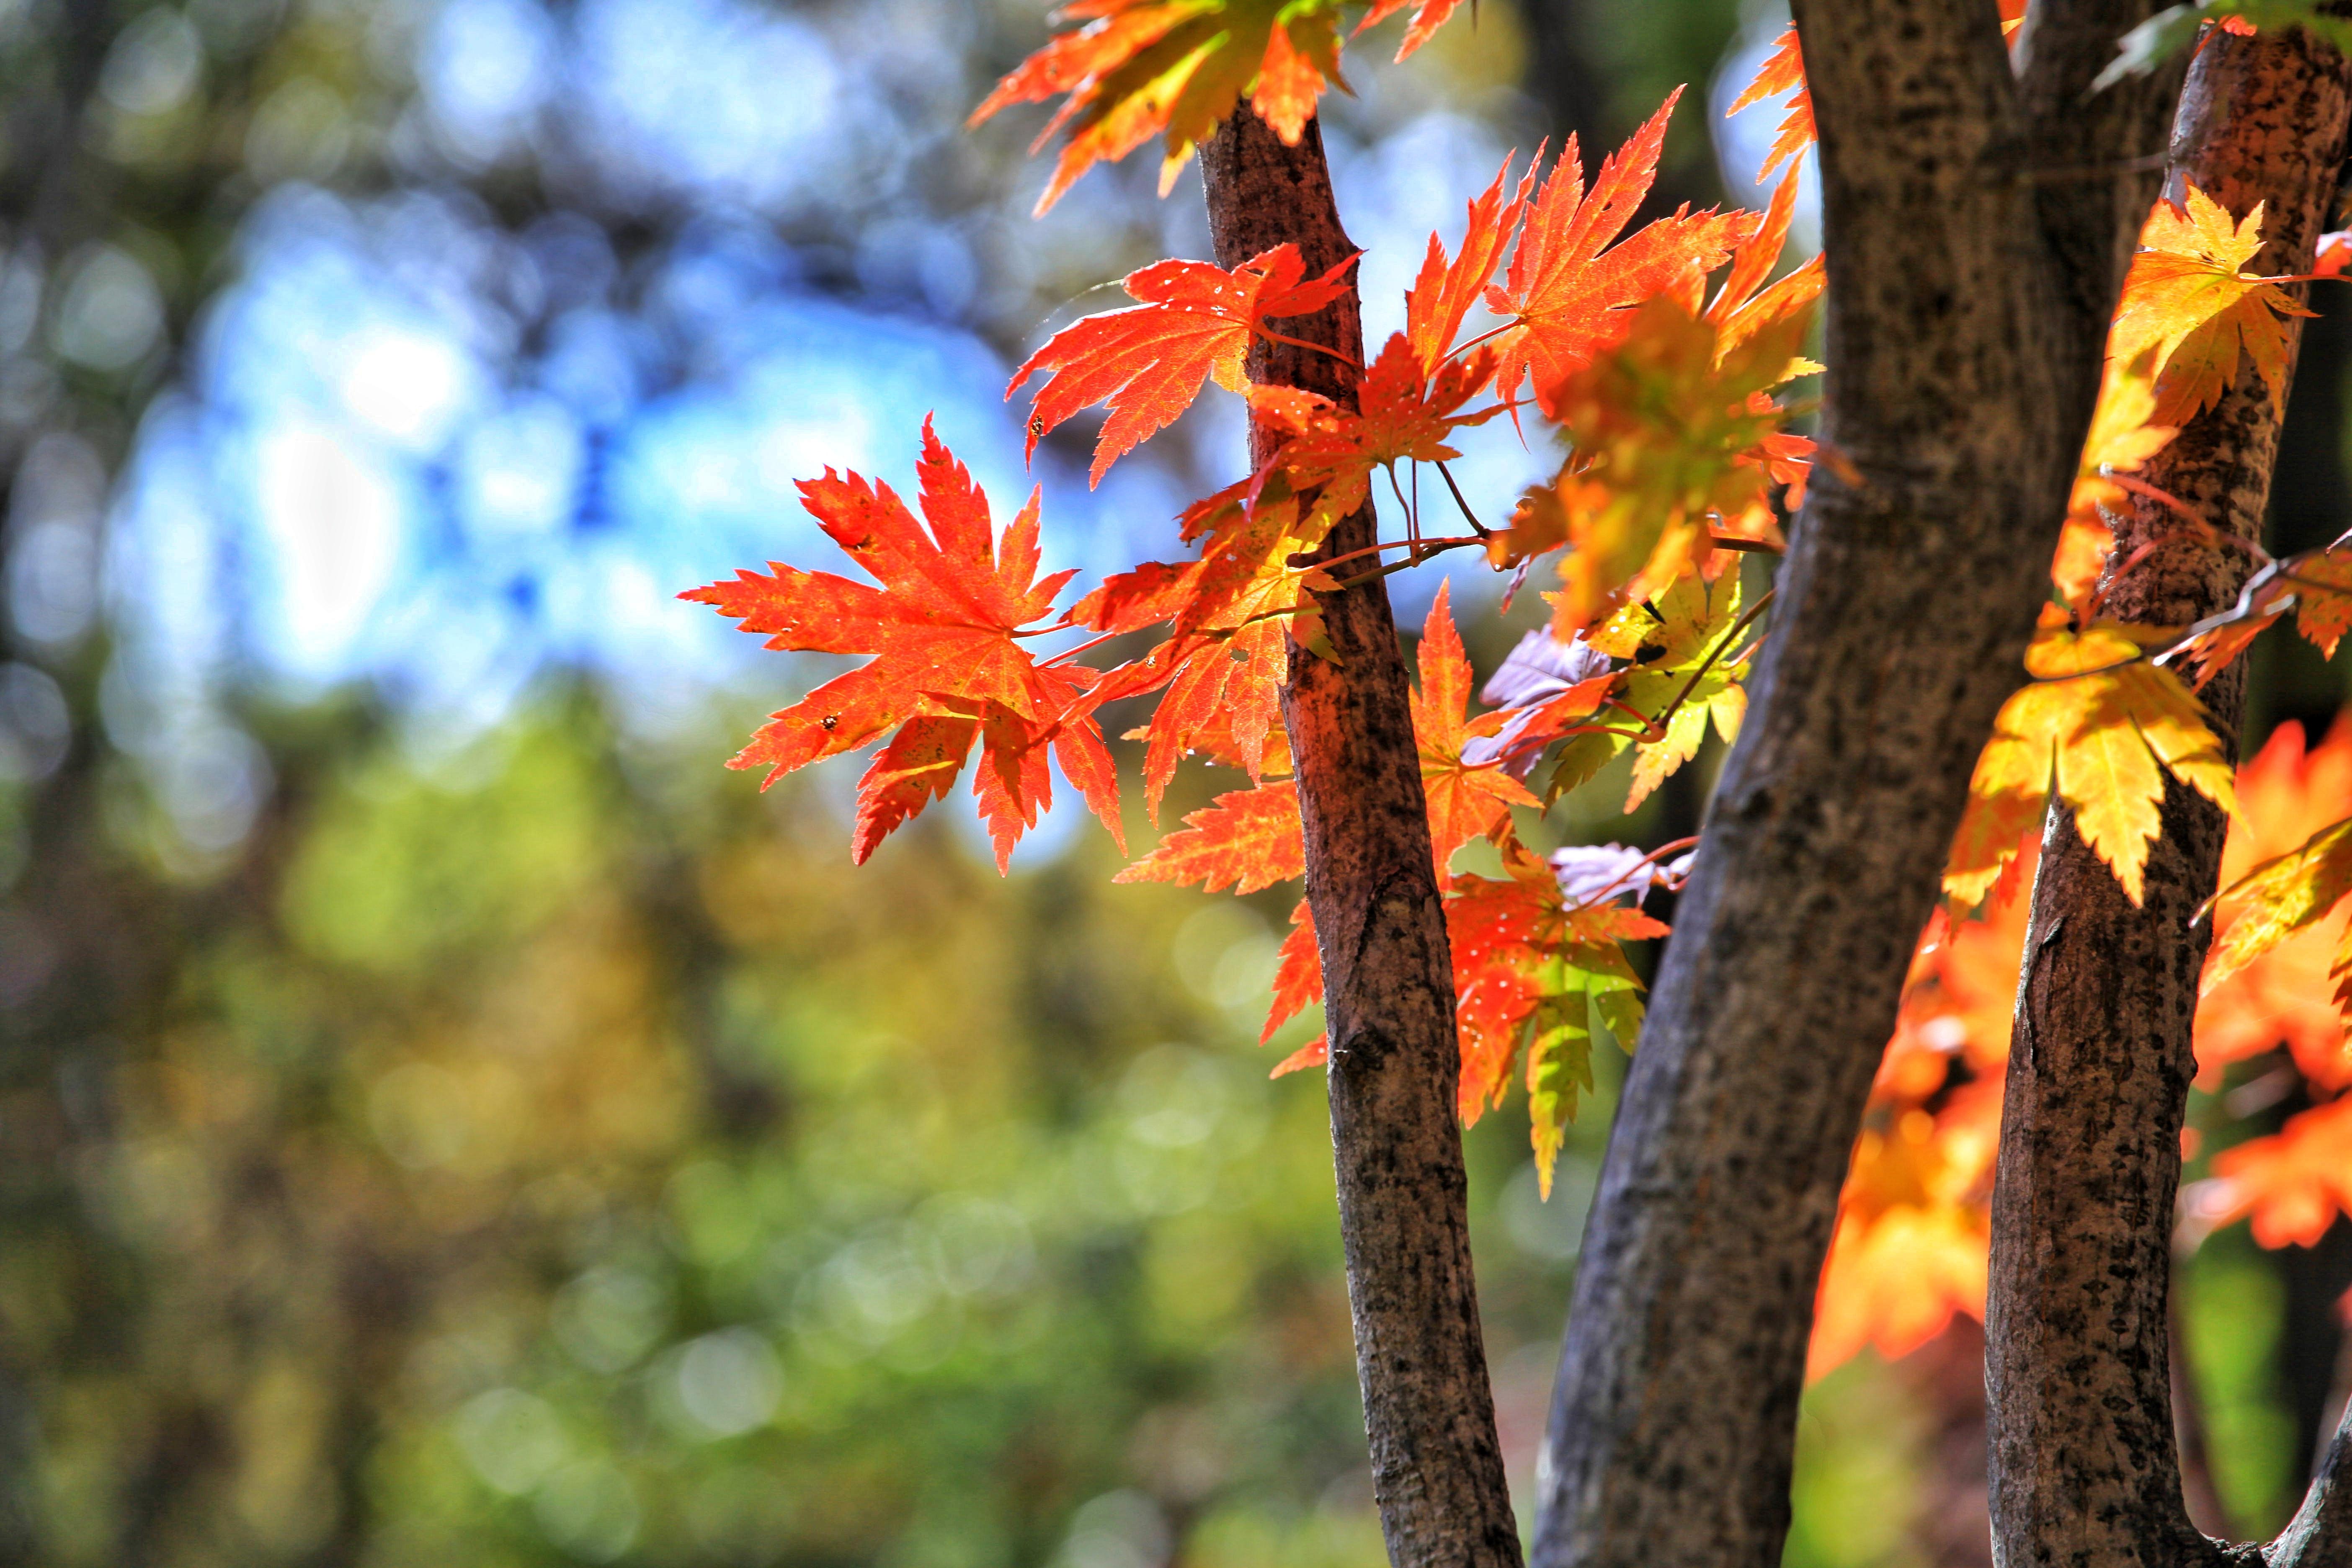 十一赏枫圣地推荐,本溪老边沟红叶惊艳到爆